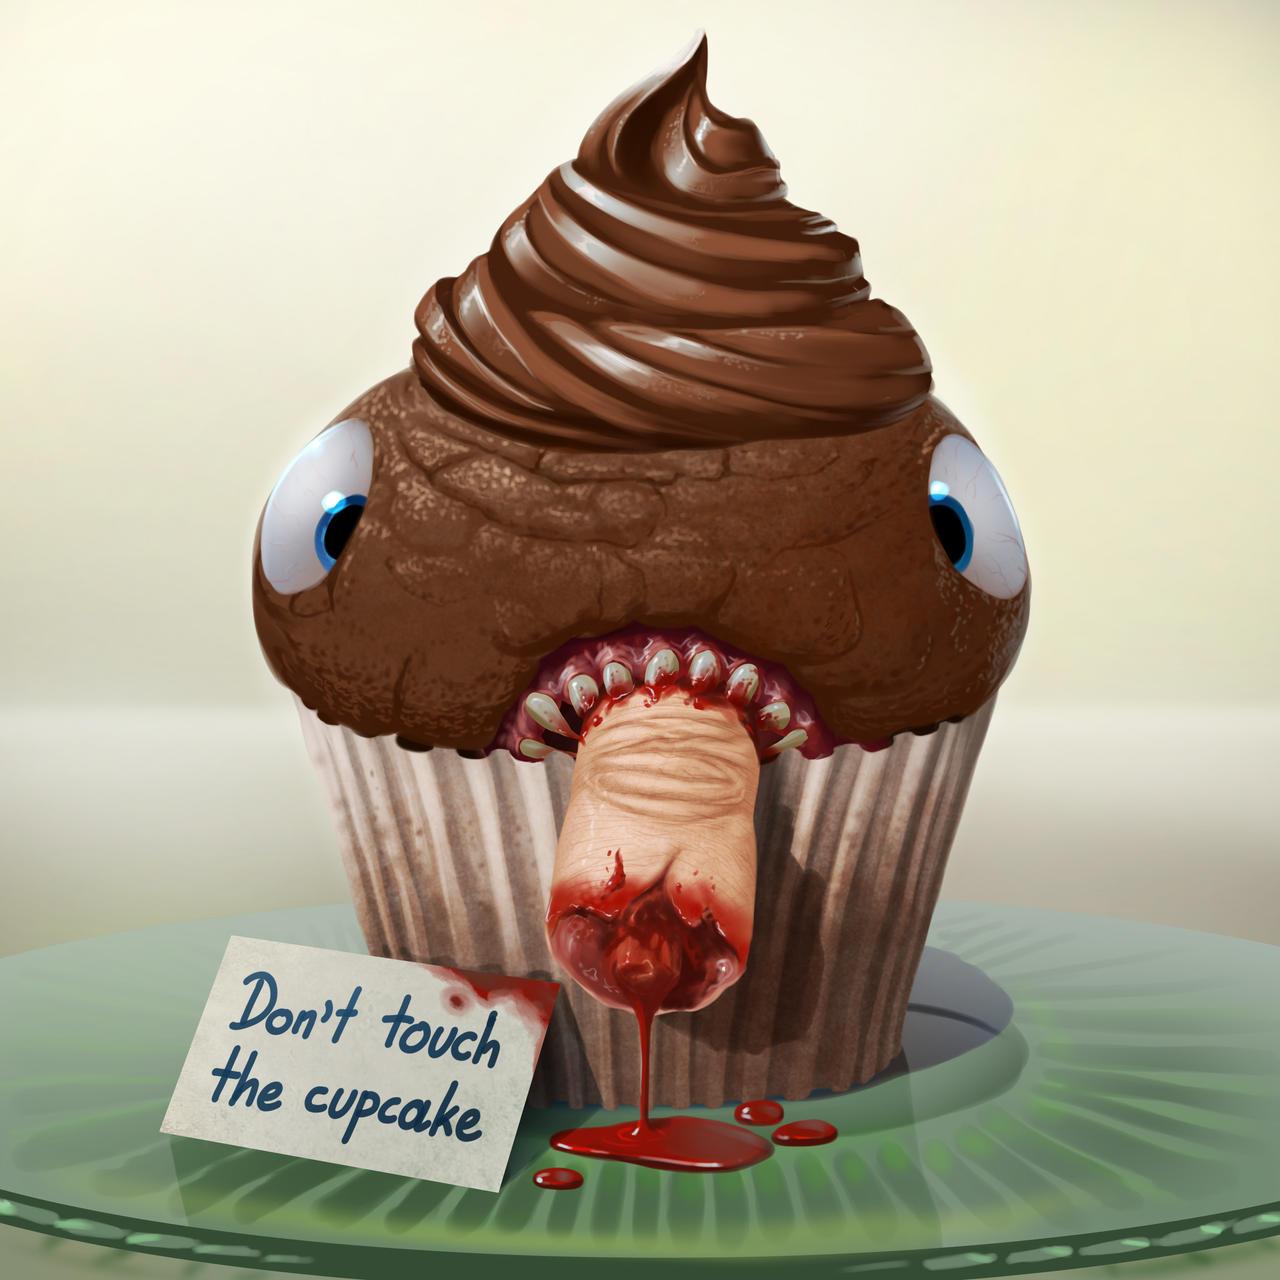 Carnivorous cupcake by Darkodev